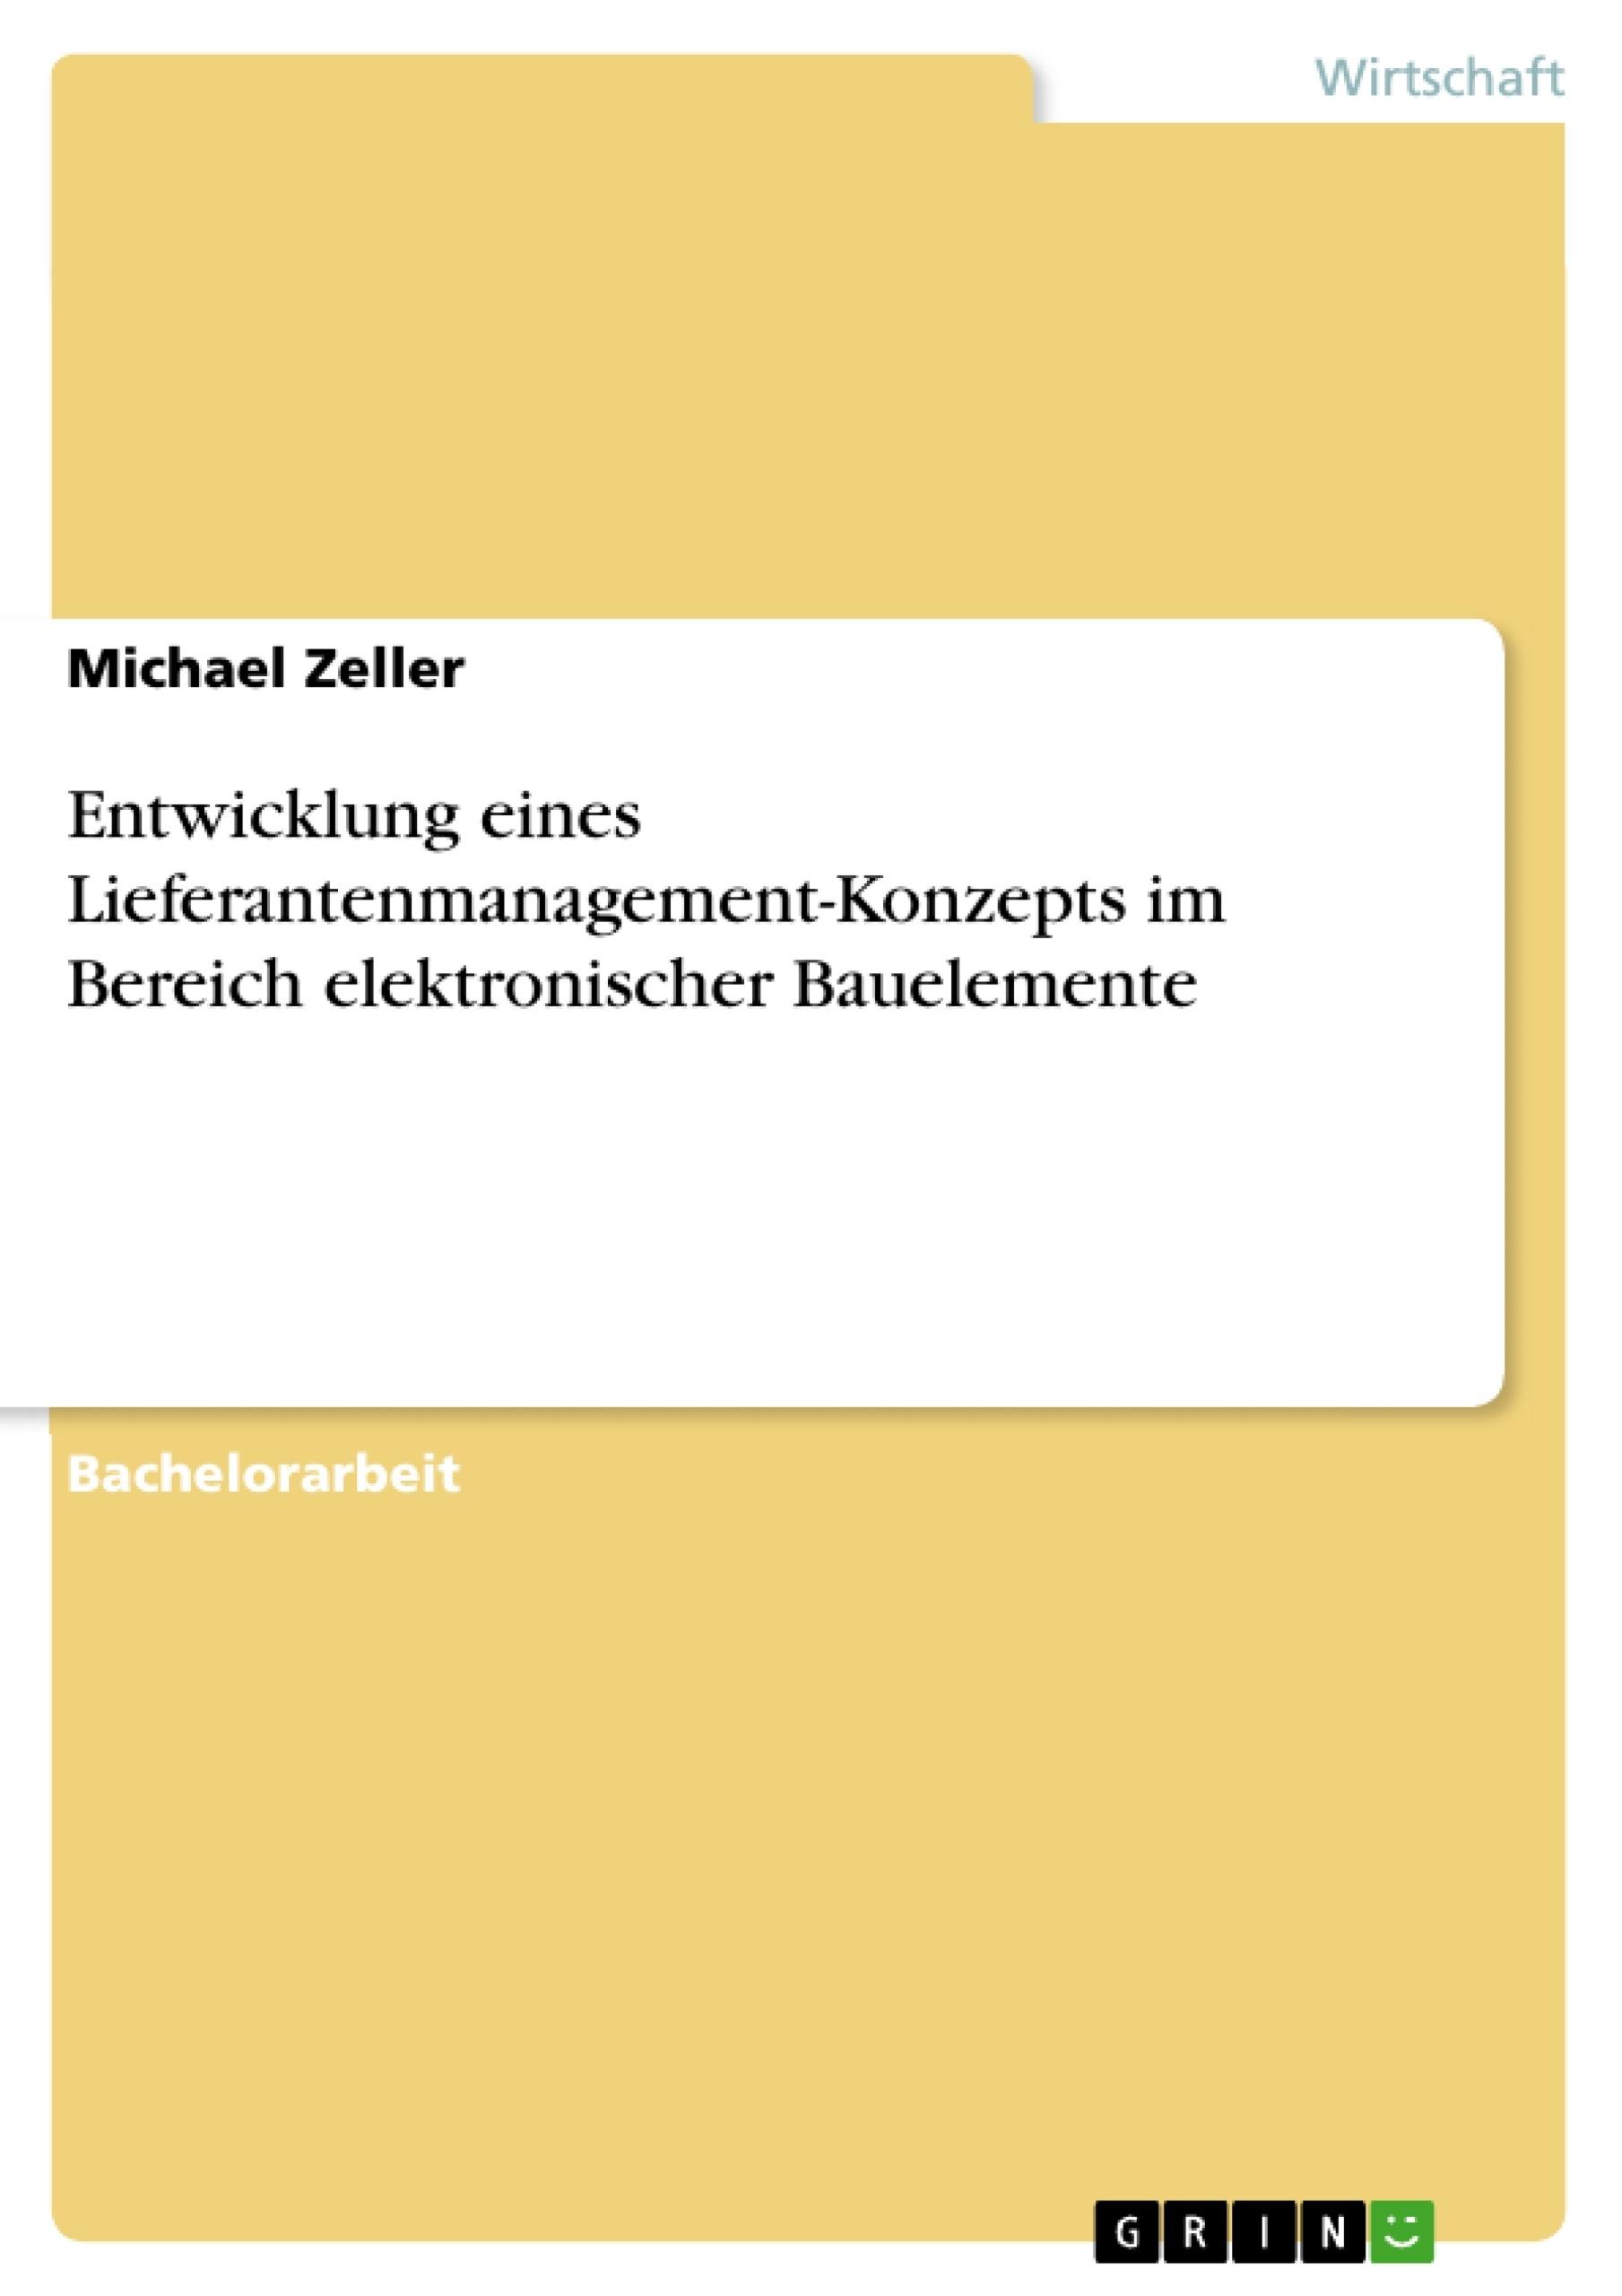 Titel: Entwicklung eines Lieferantenmanagement-Konzepts im Bereich elektronischer Bauelemente